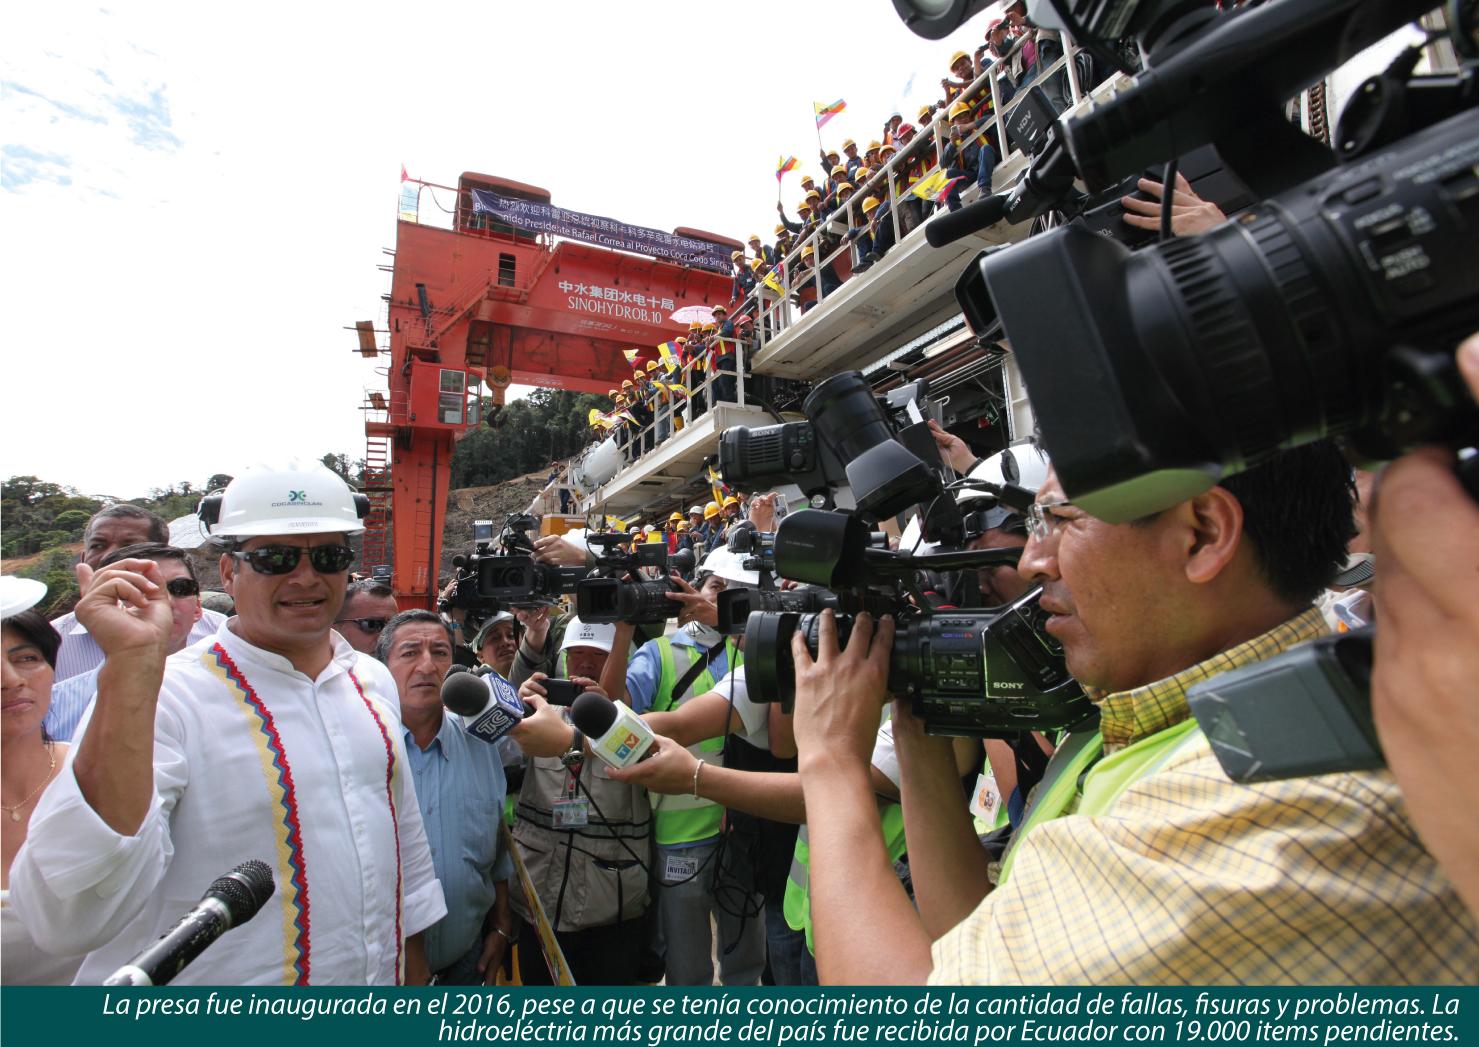 COCA CODO SINCLAIR: 1500 MW DE CORRUPCIÓN